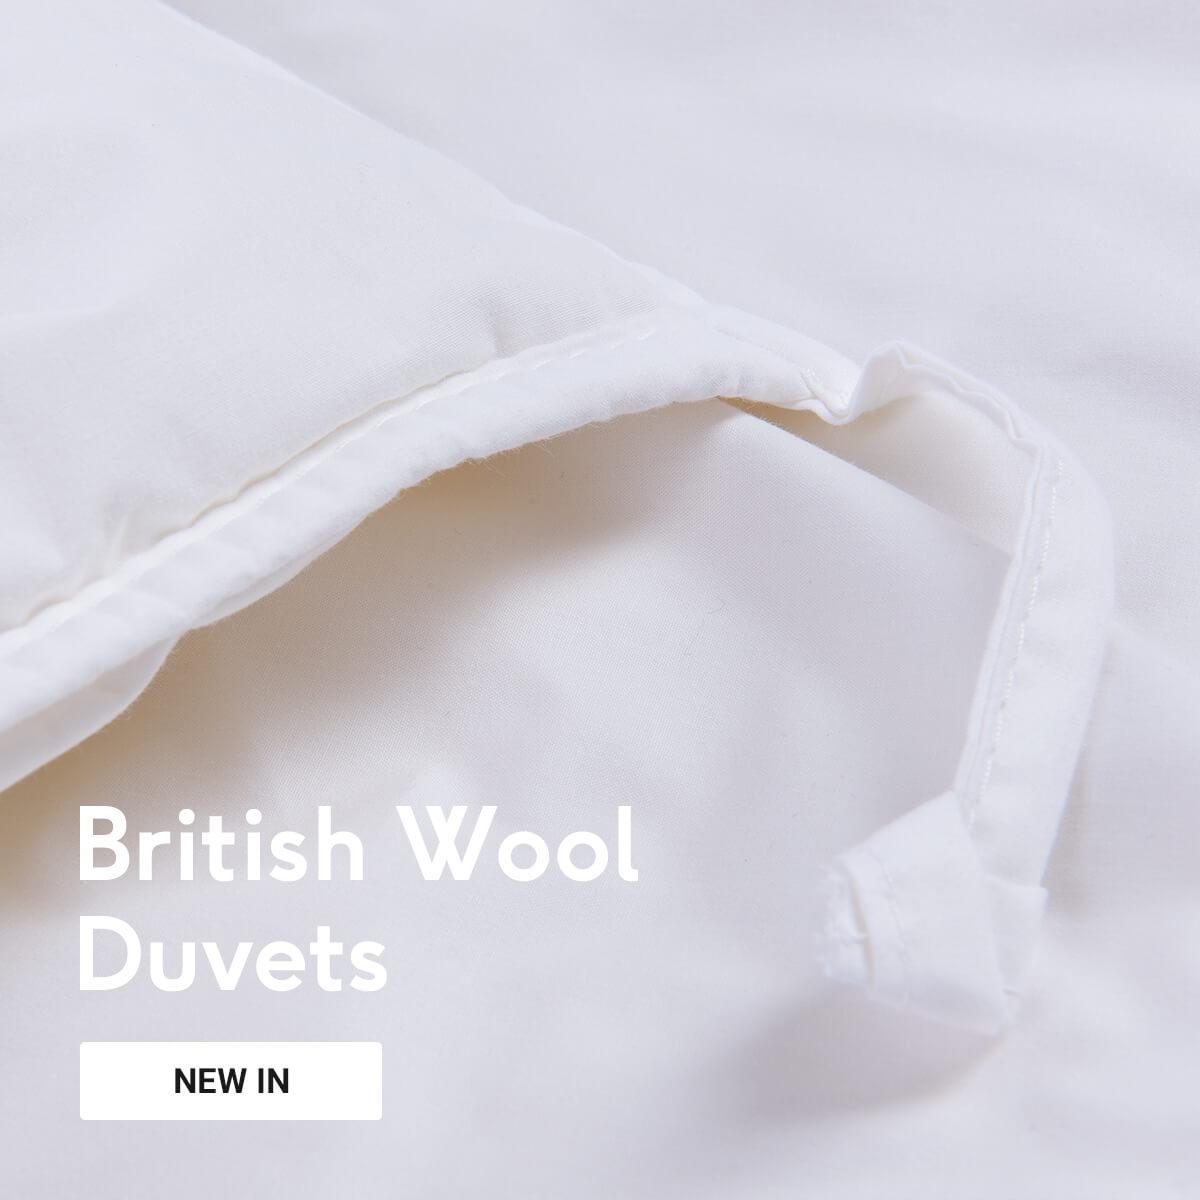 British Wool Duvets